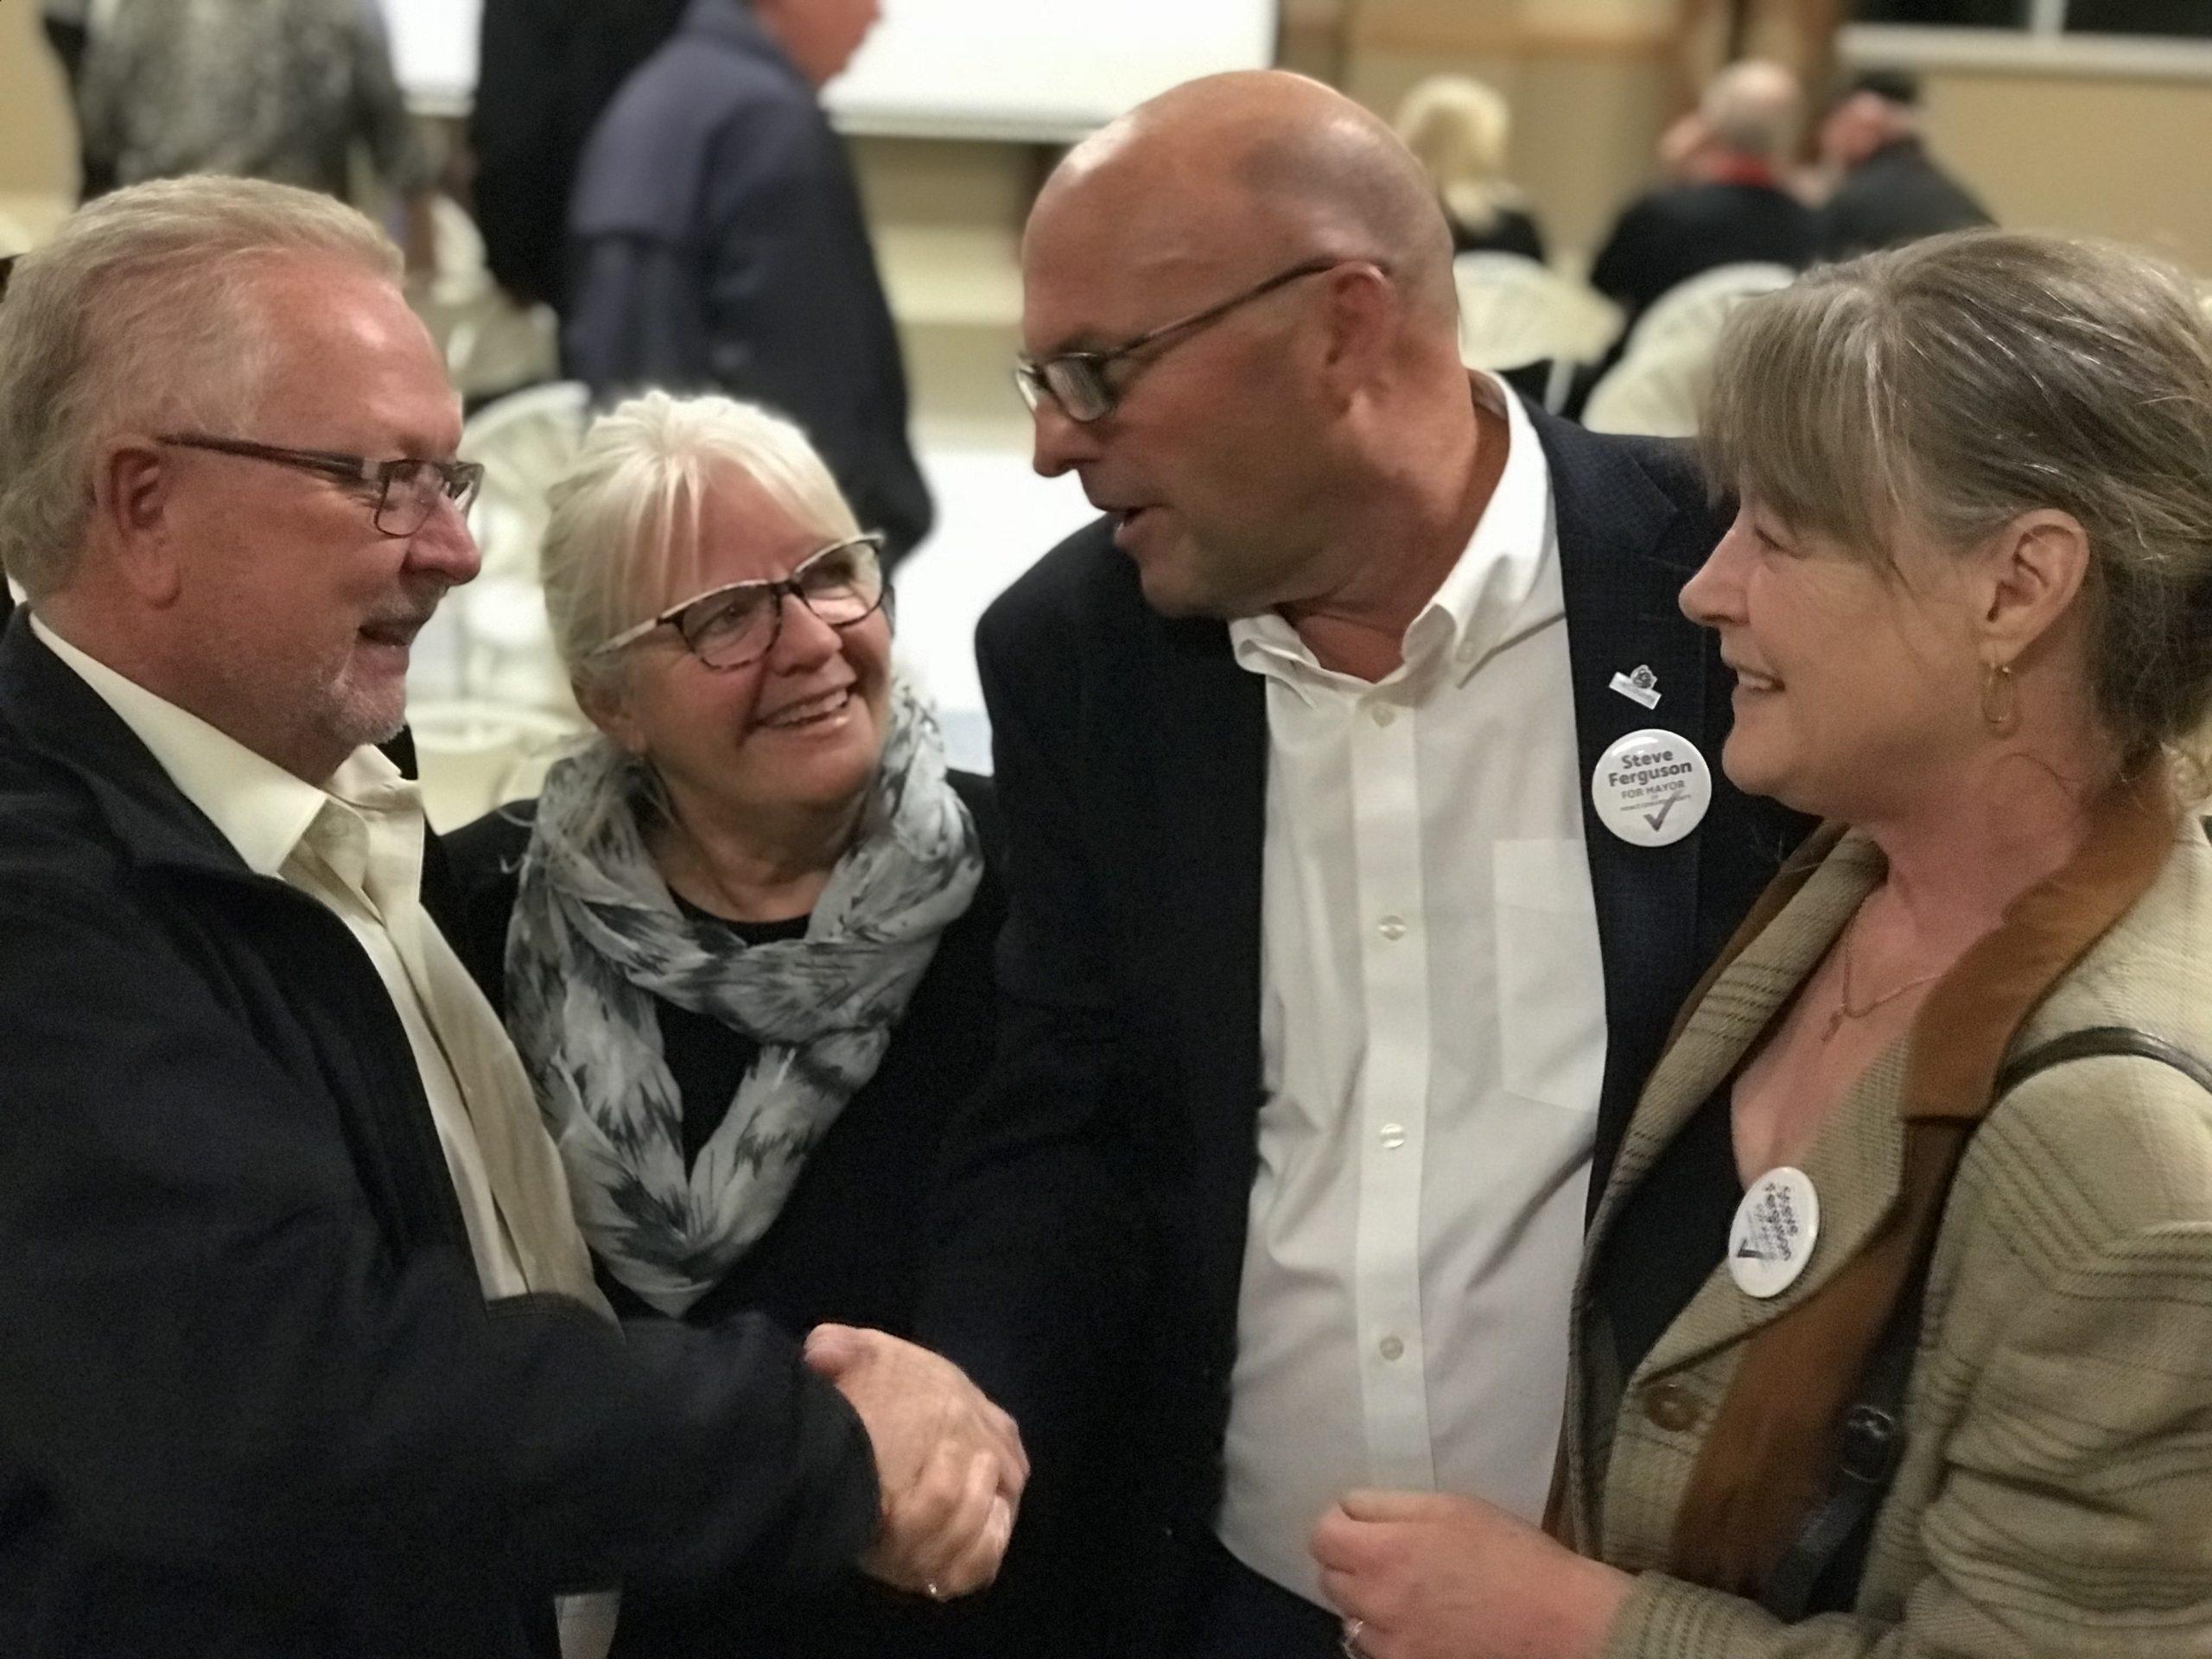 Steve Ferguson new mayor for The County